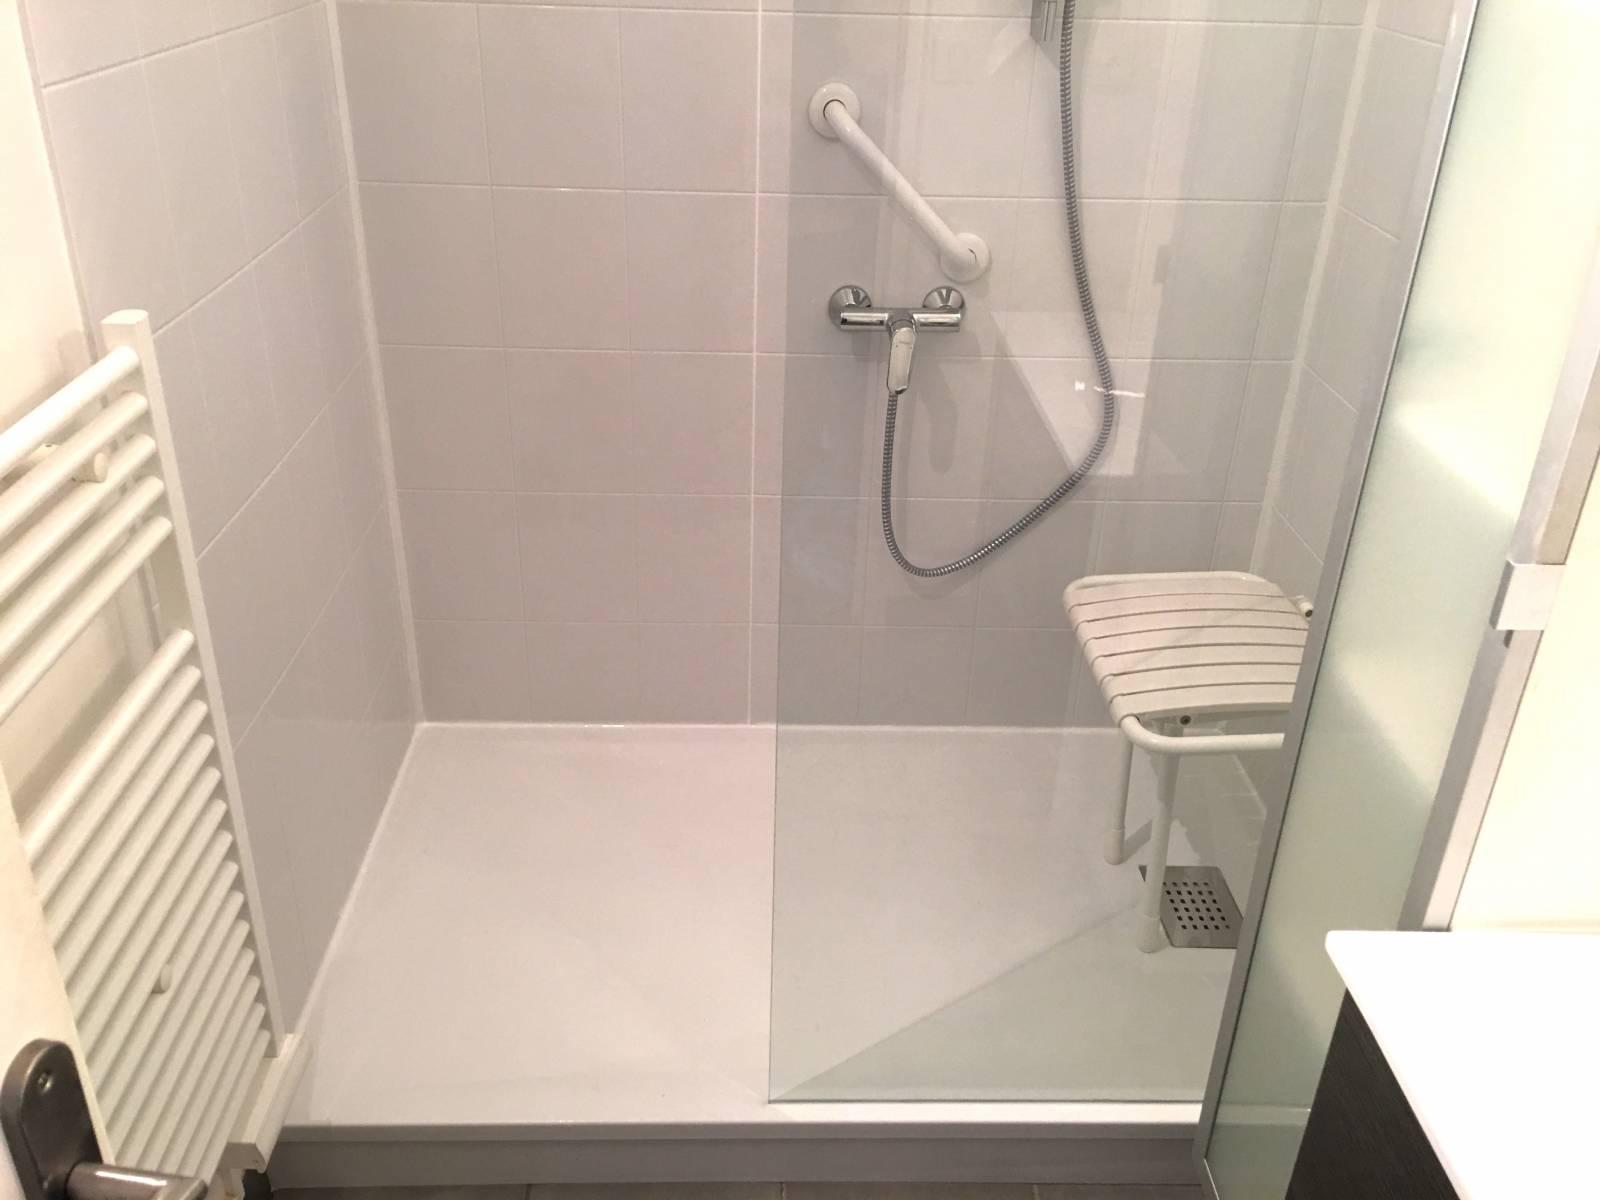 douche s curis e primo la douche id ale pour s nior douche modul 39 eau. Black Bedroom Furniture Sets. Home Design Ideas